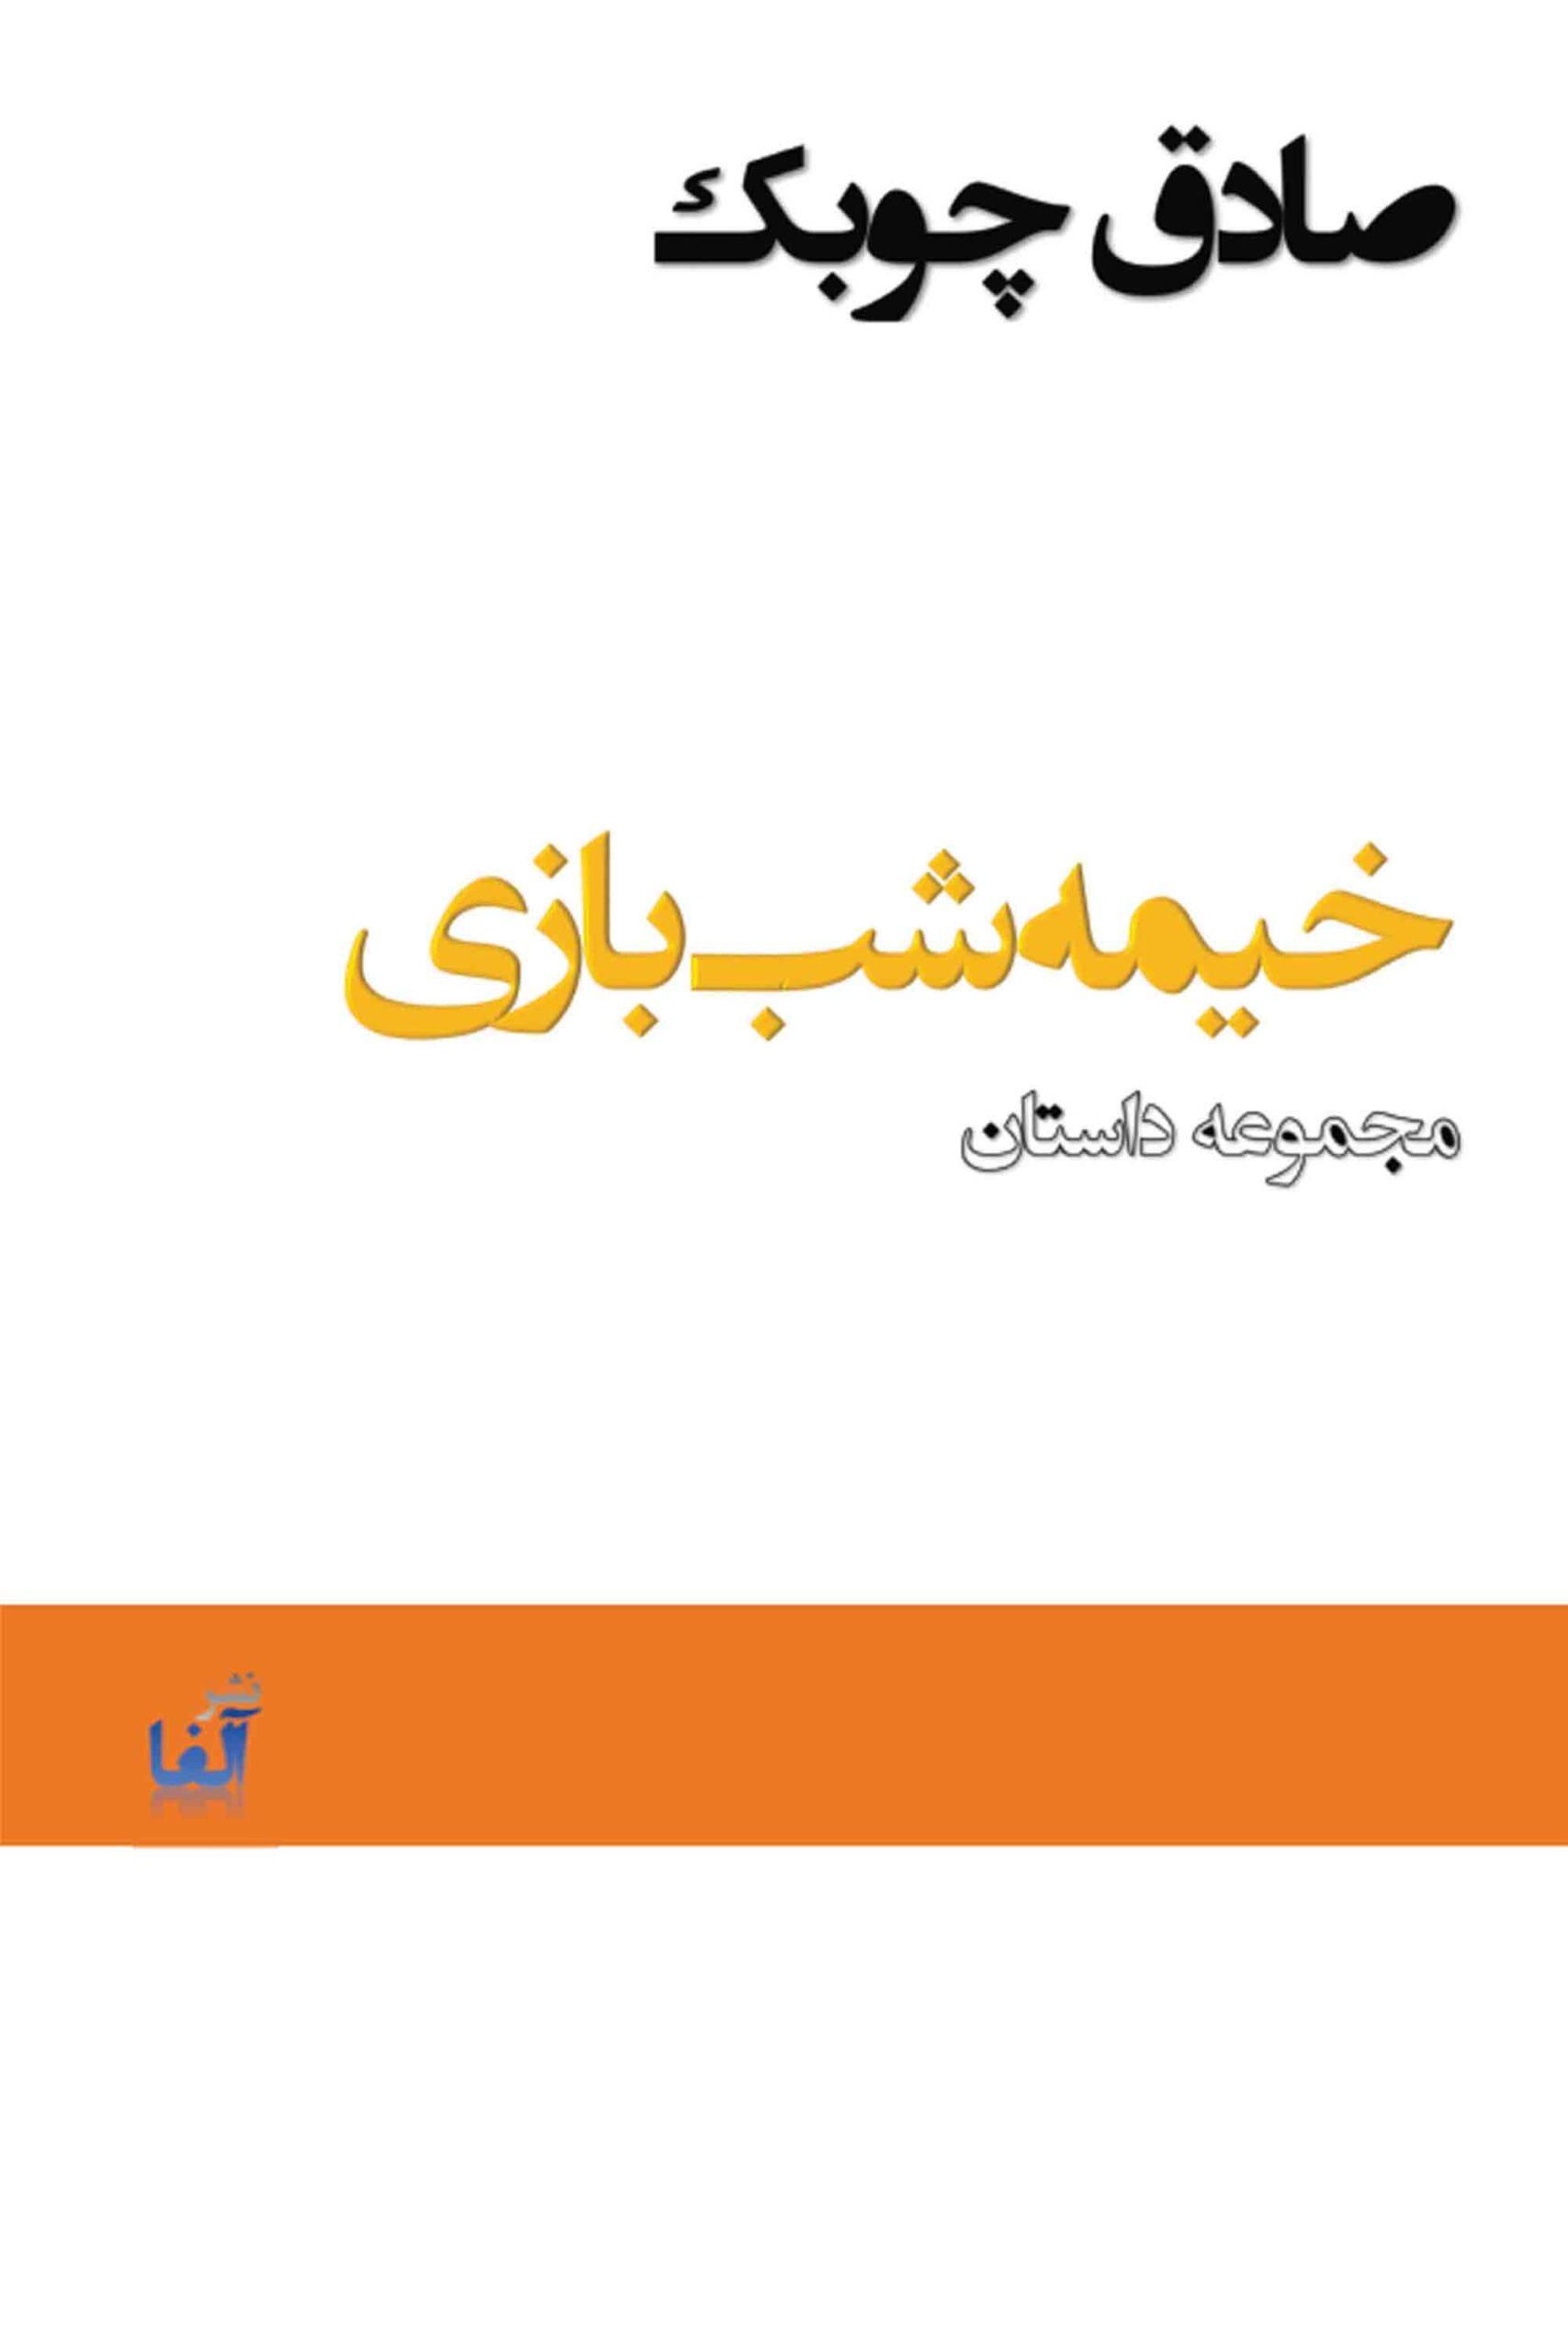 kheymeh-shab-bazi